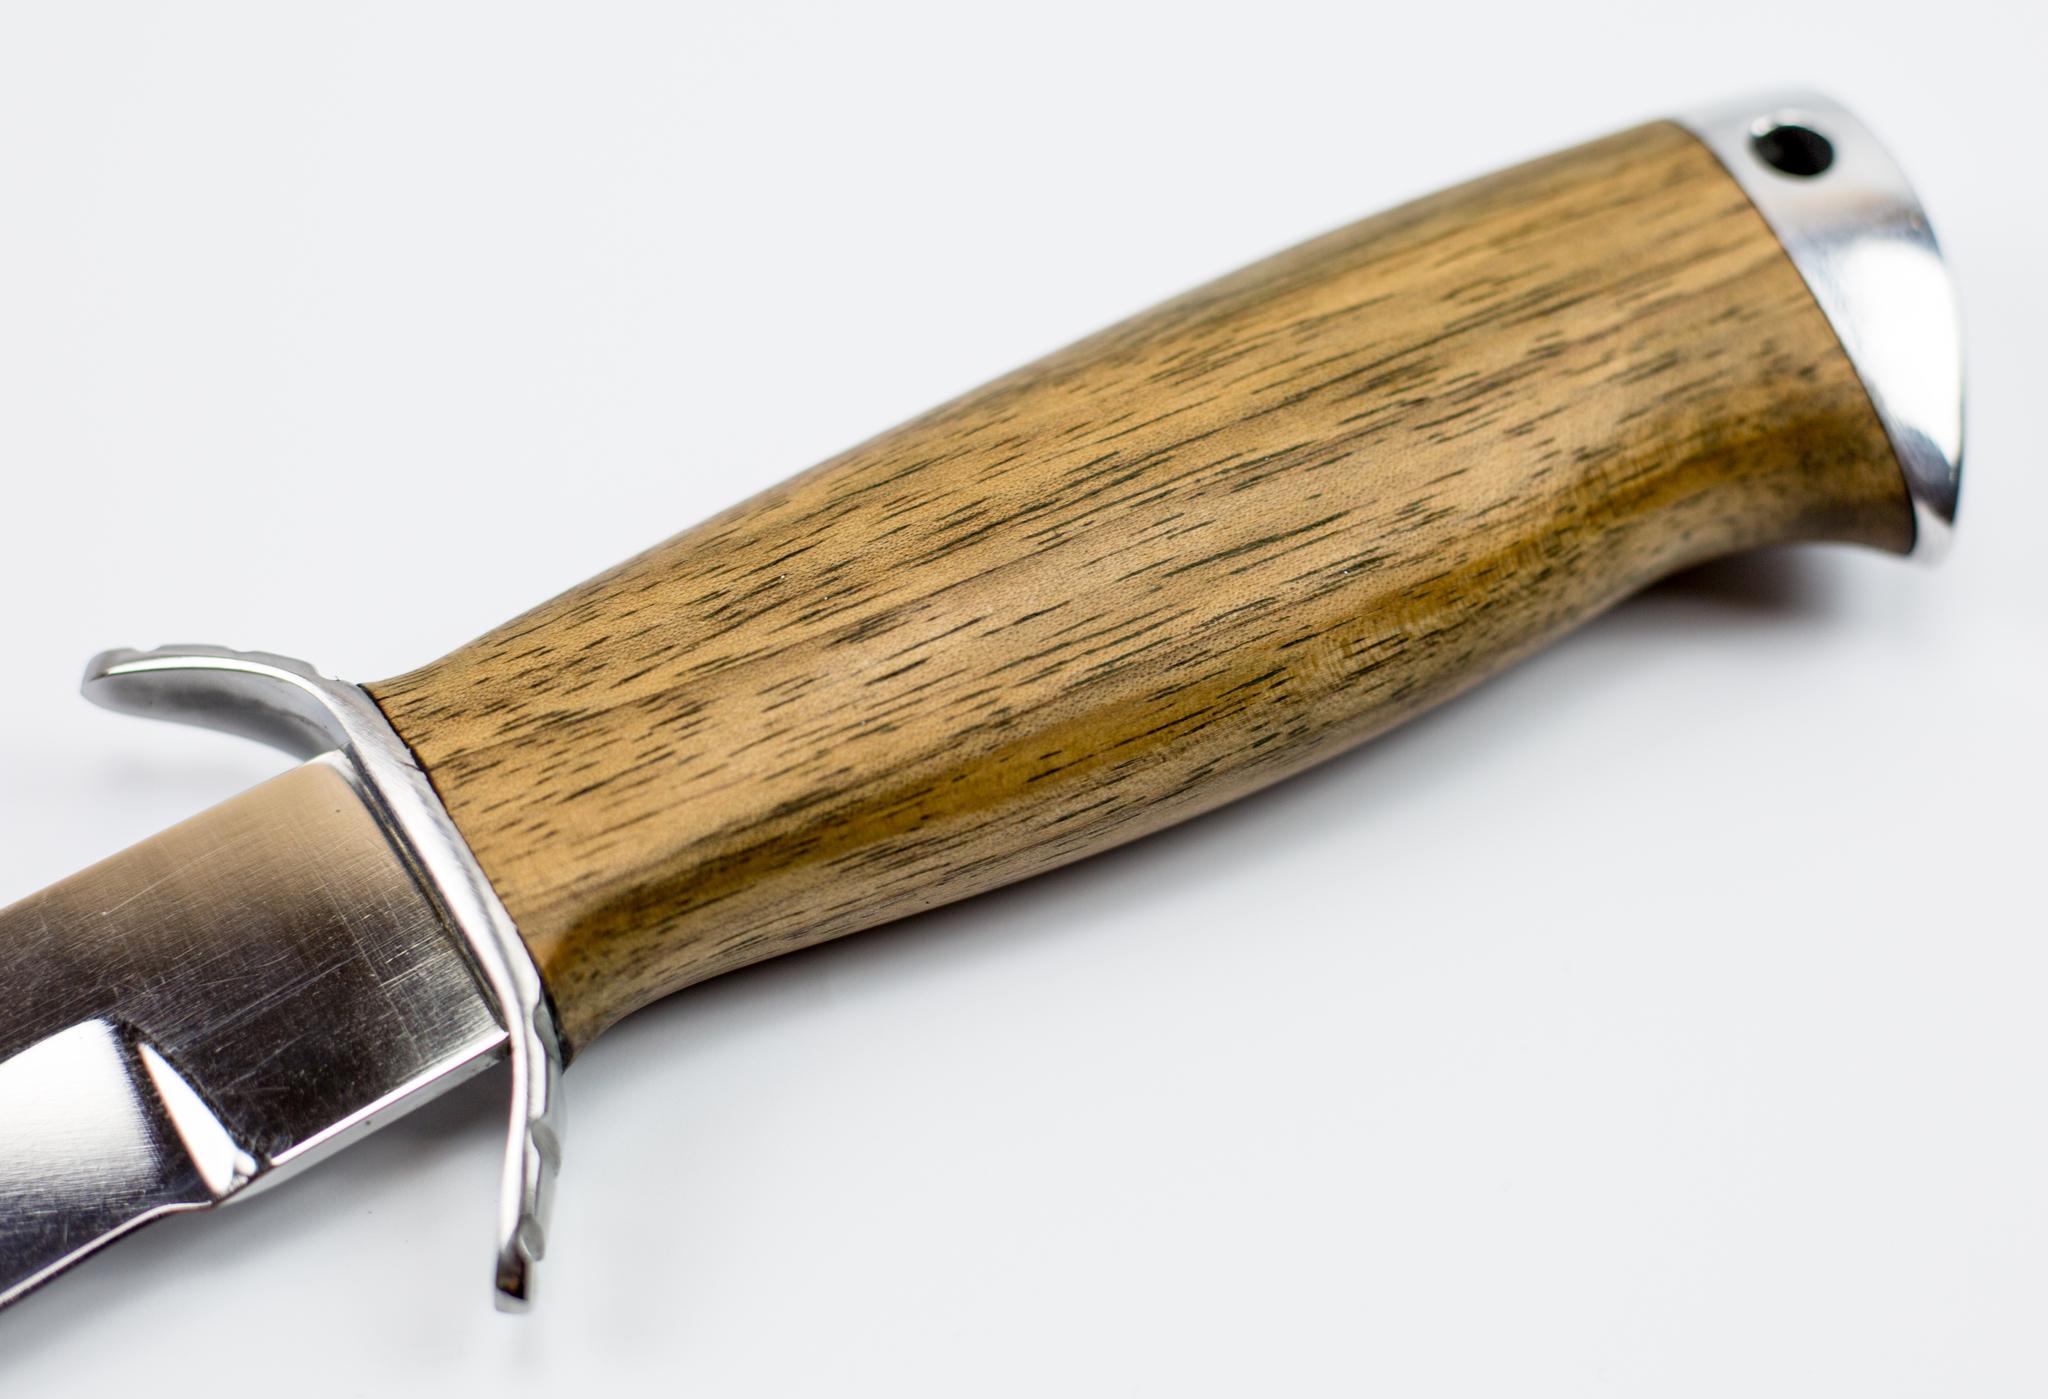 Фото 3 - Нож Смерч-2, 65Х13 от Павловские ножи